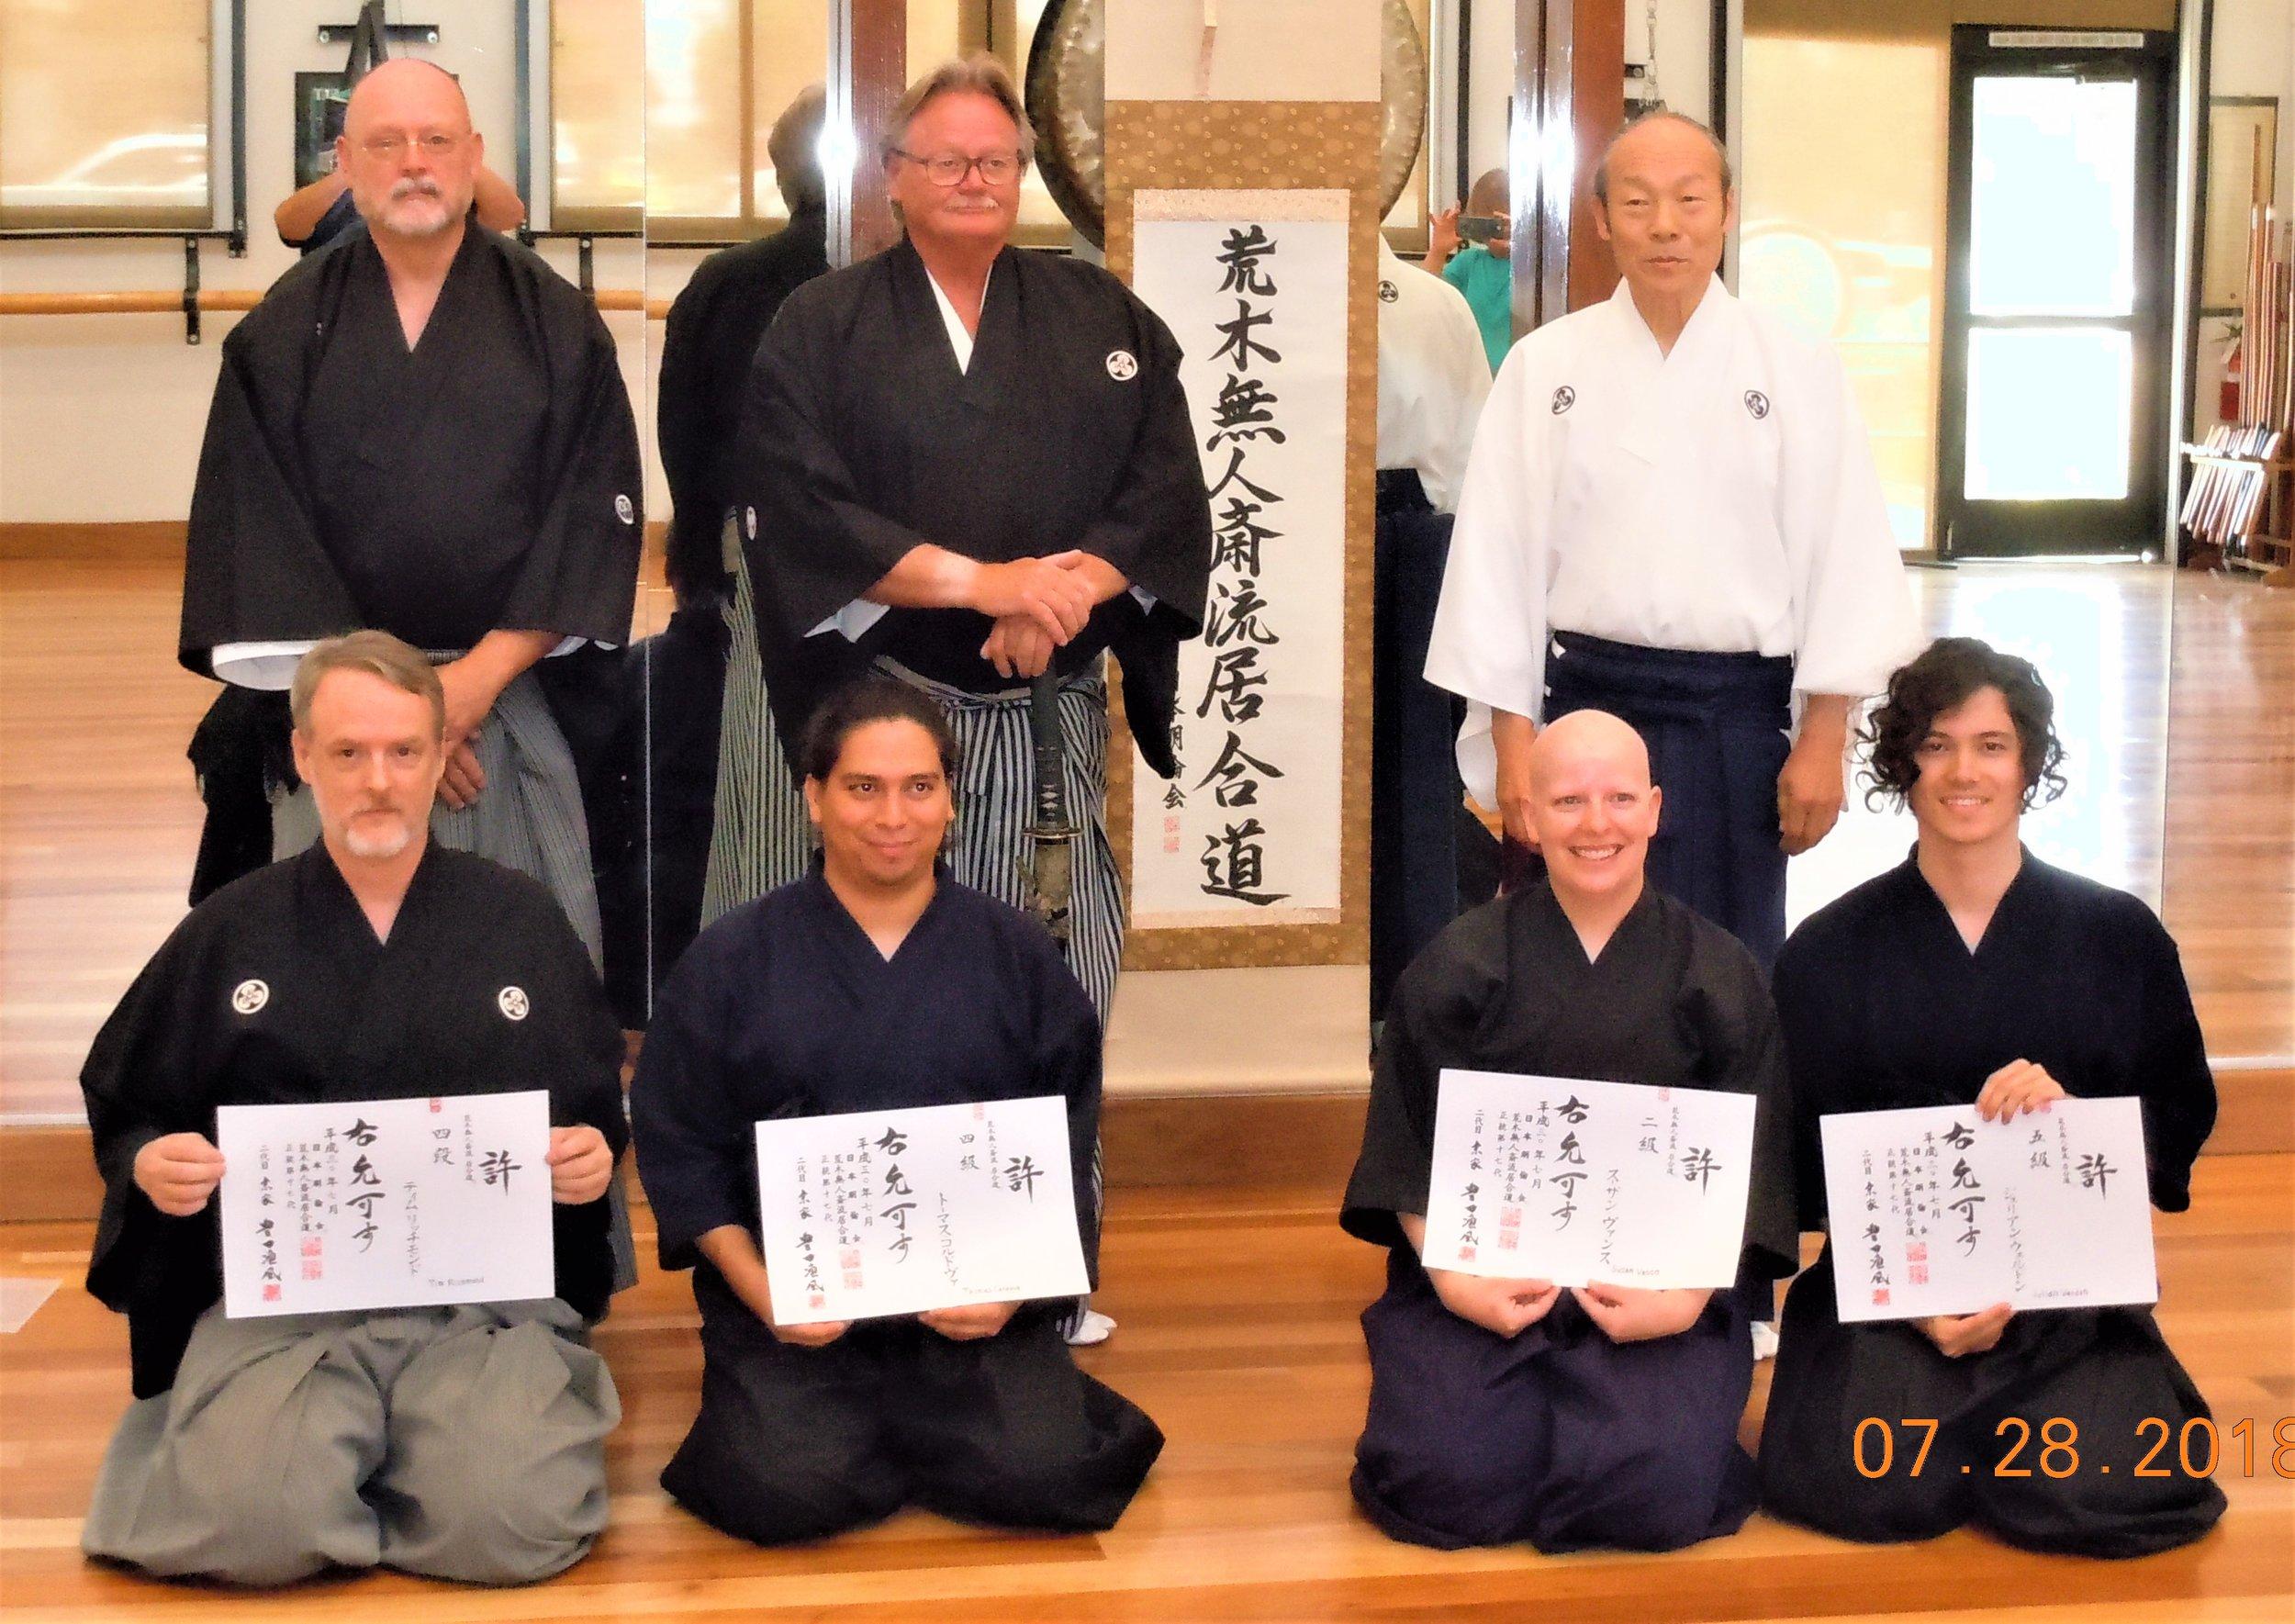 Iaido promotion group.JPG